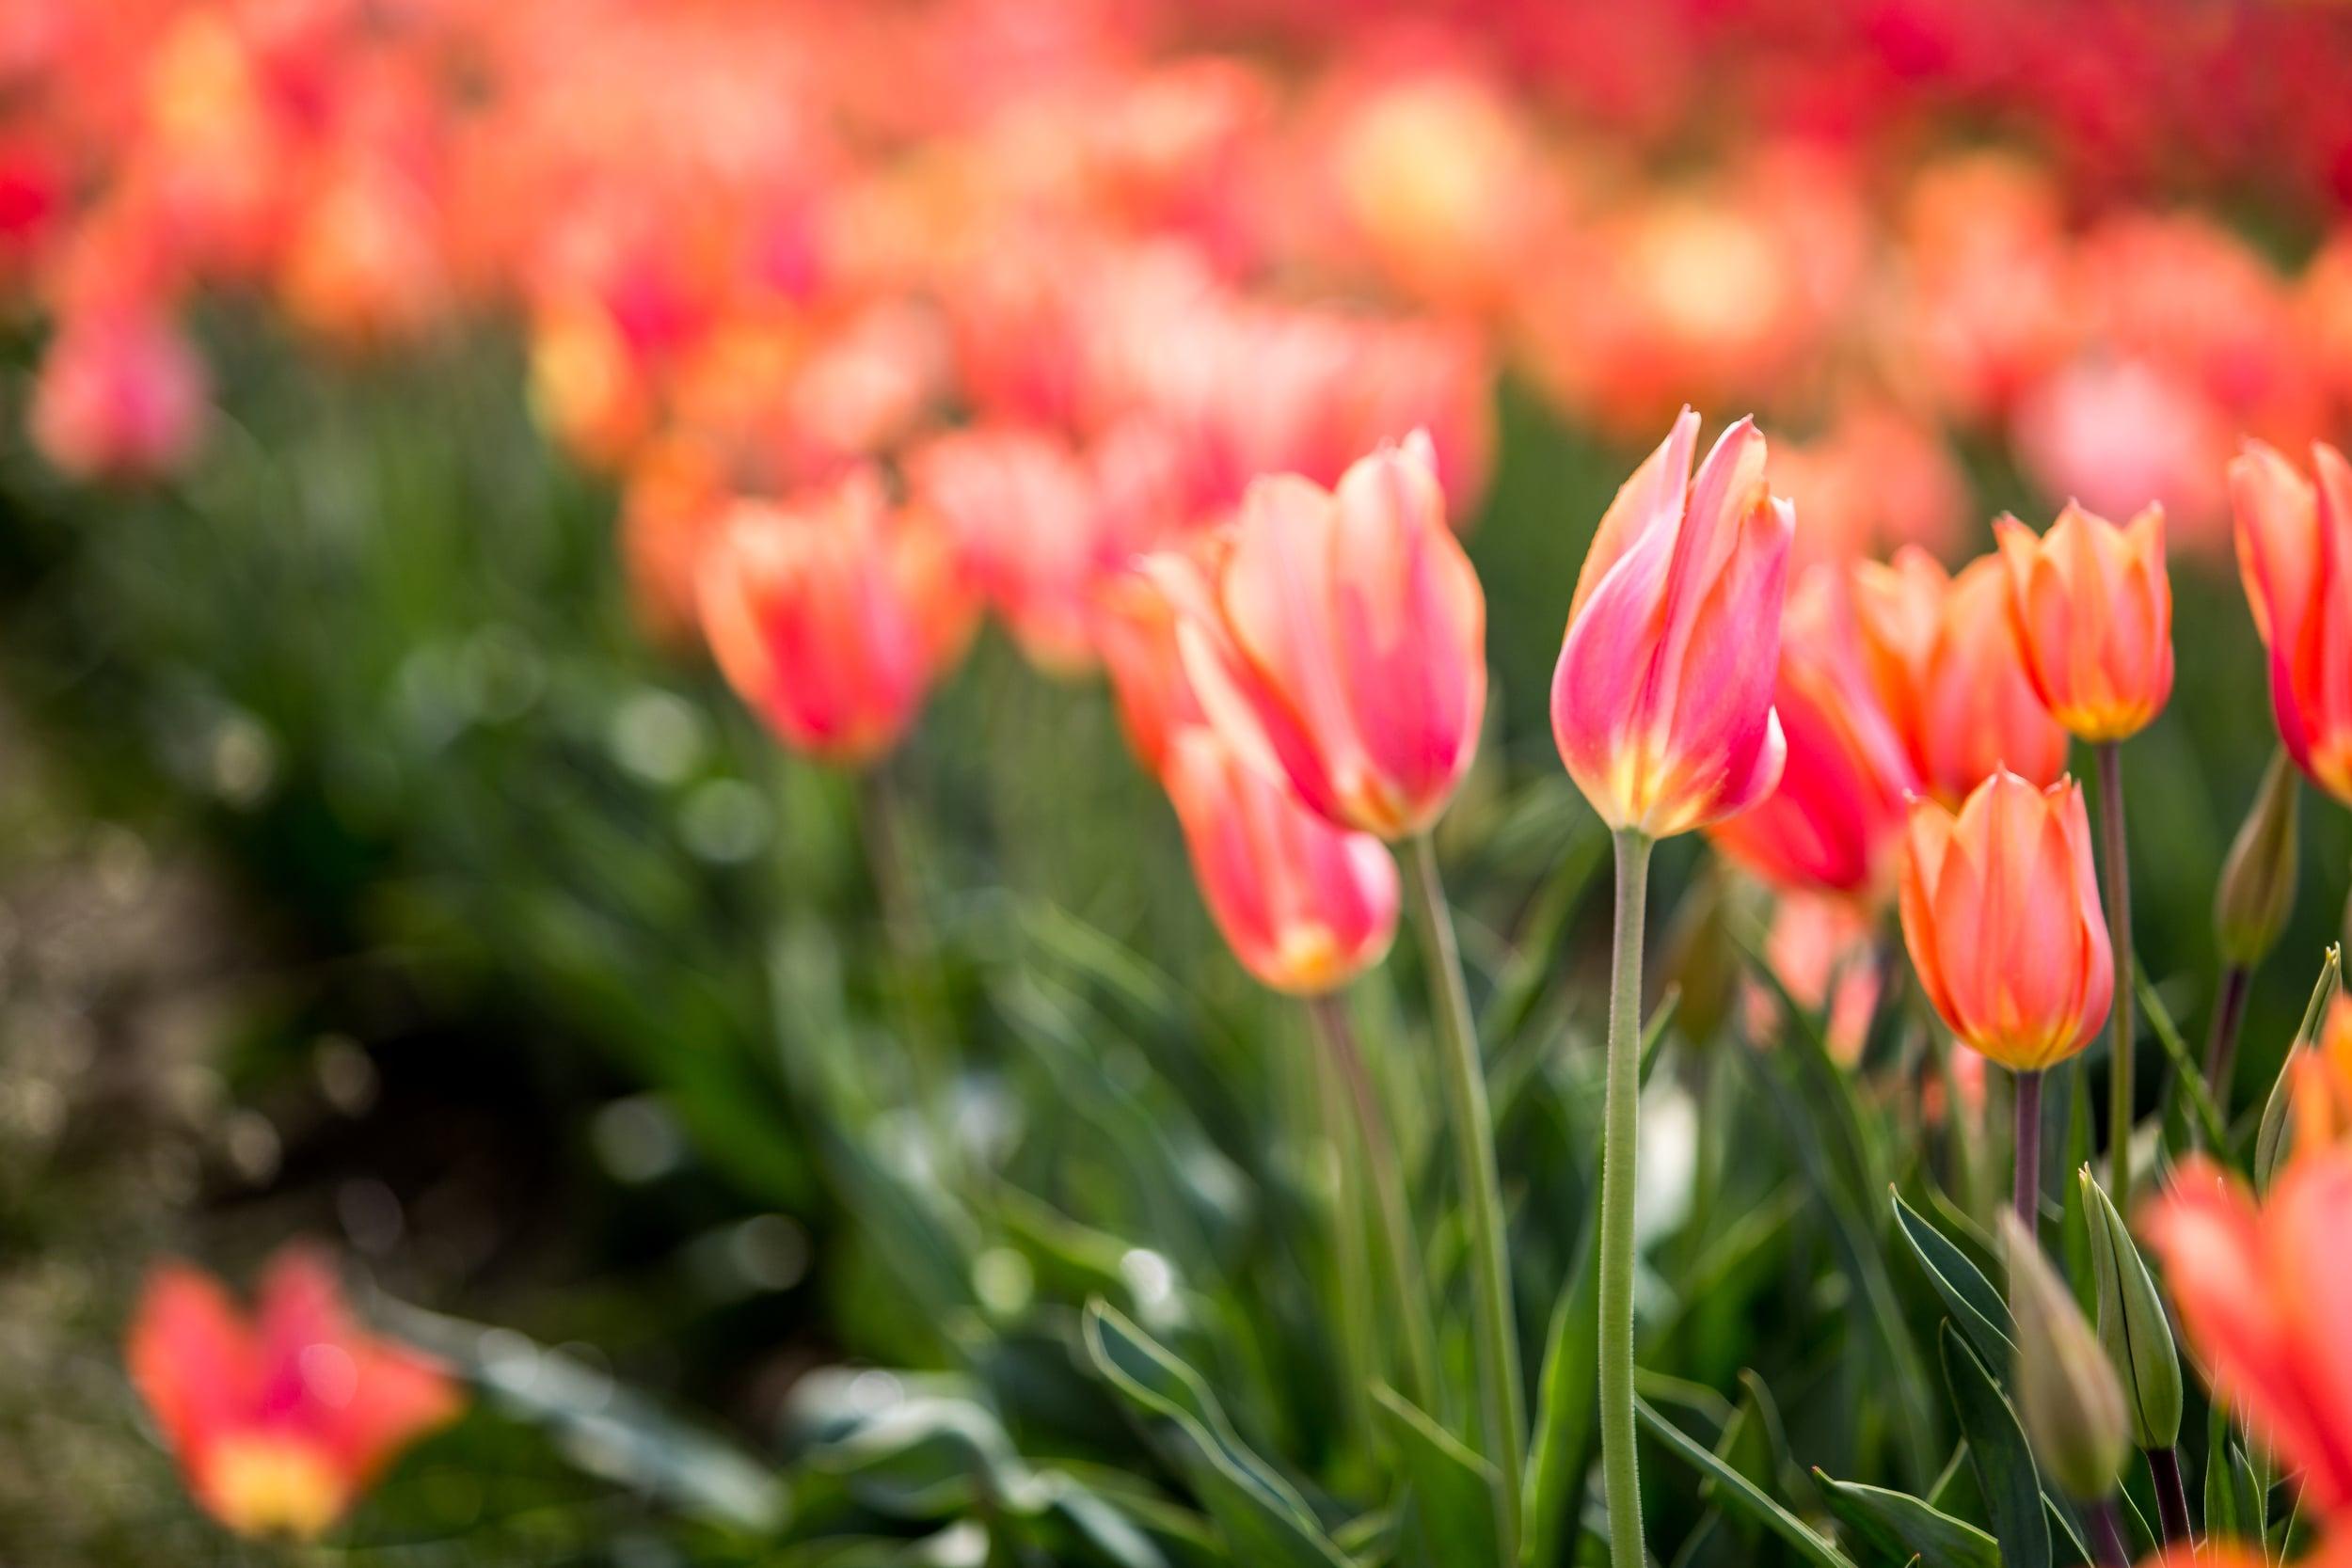 tulip-festival-2015-61.jpg